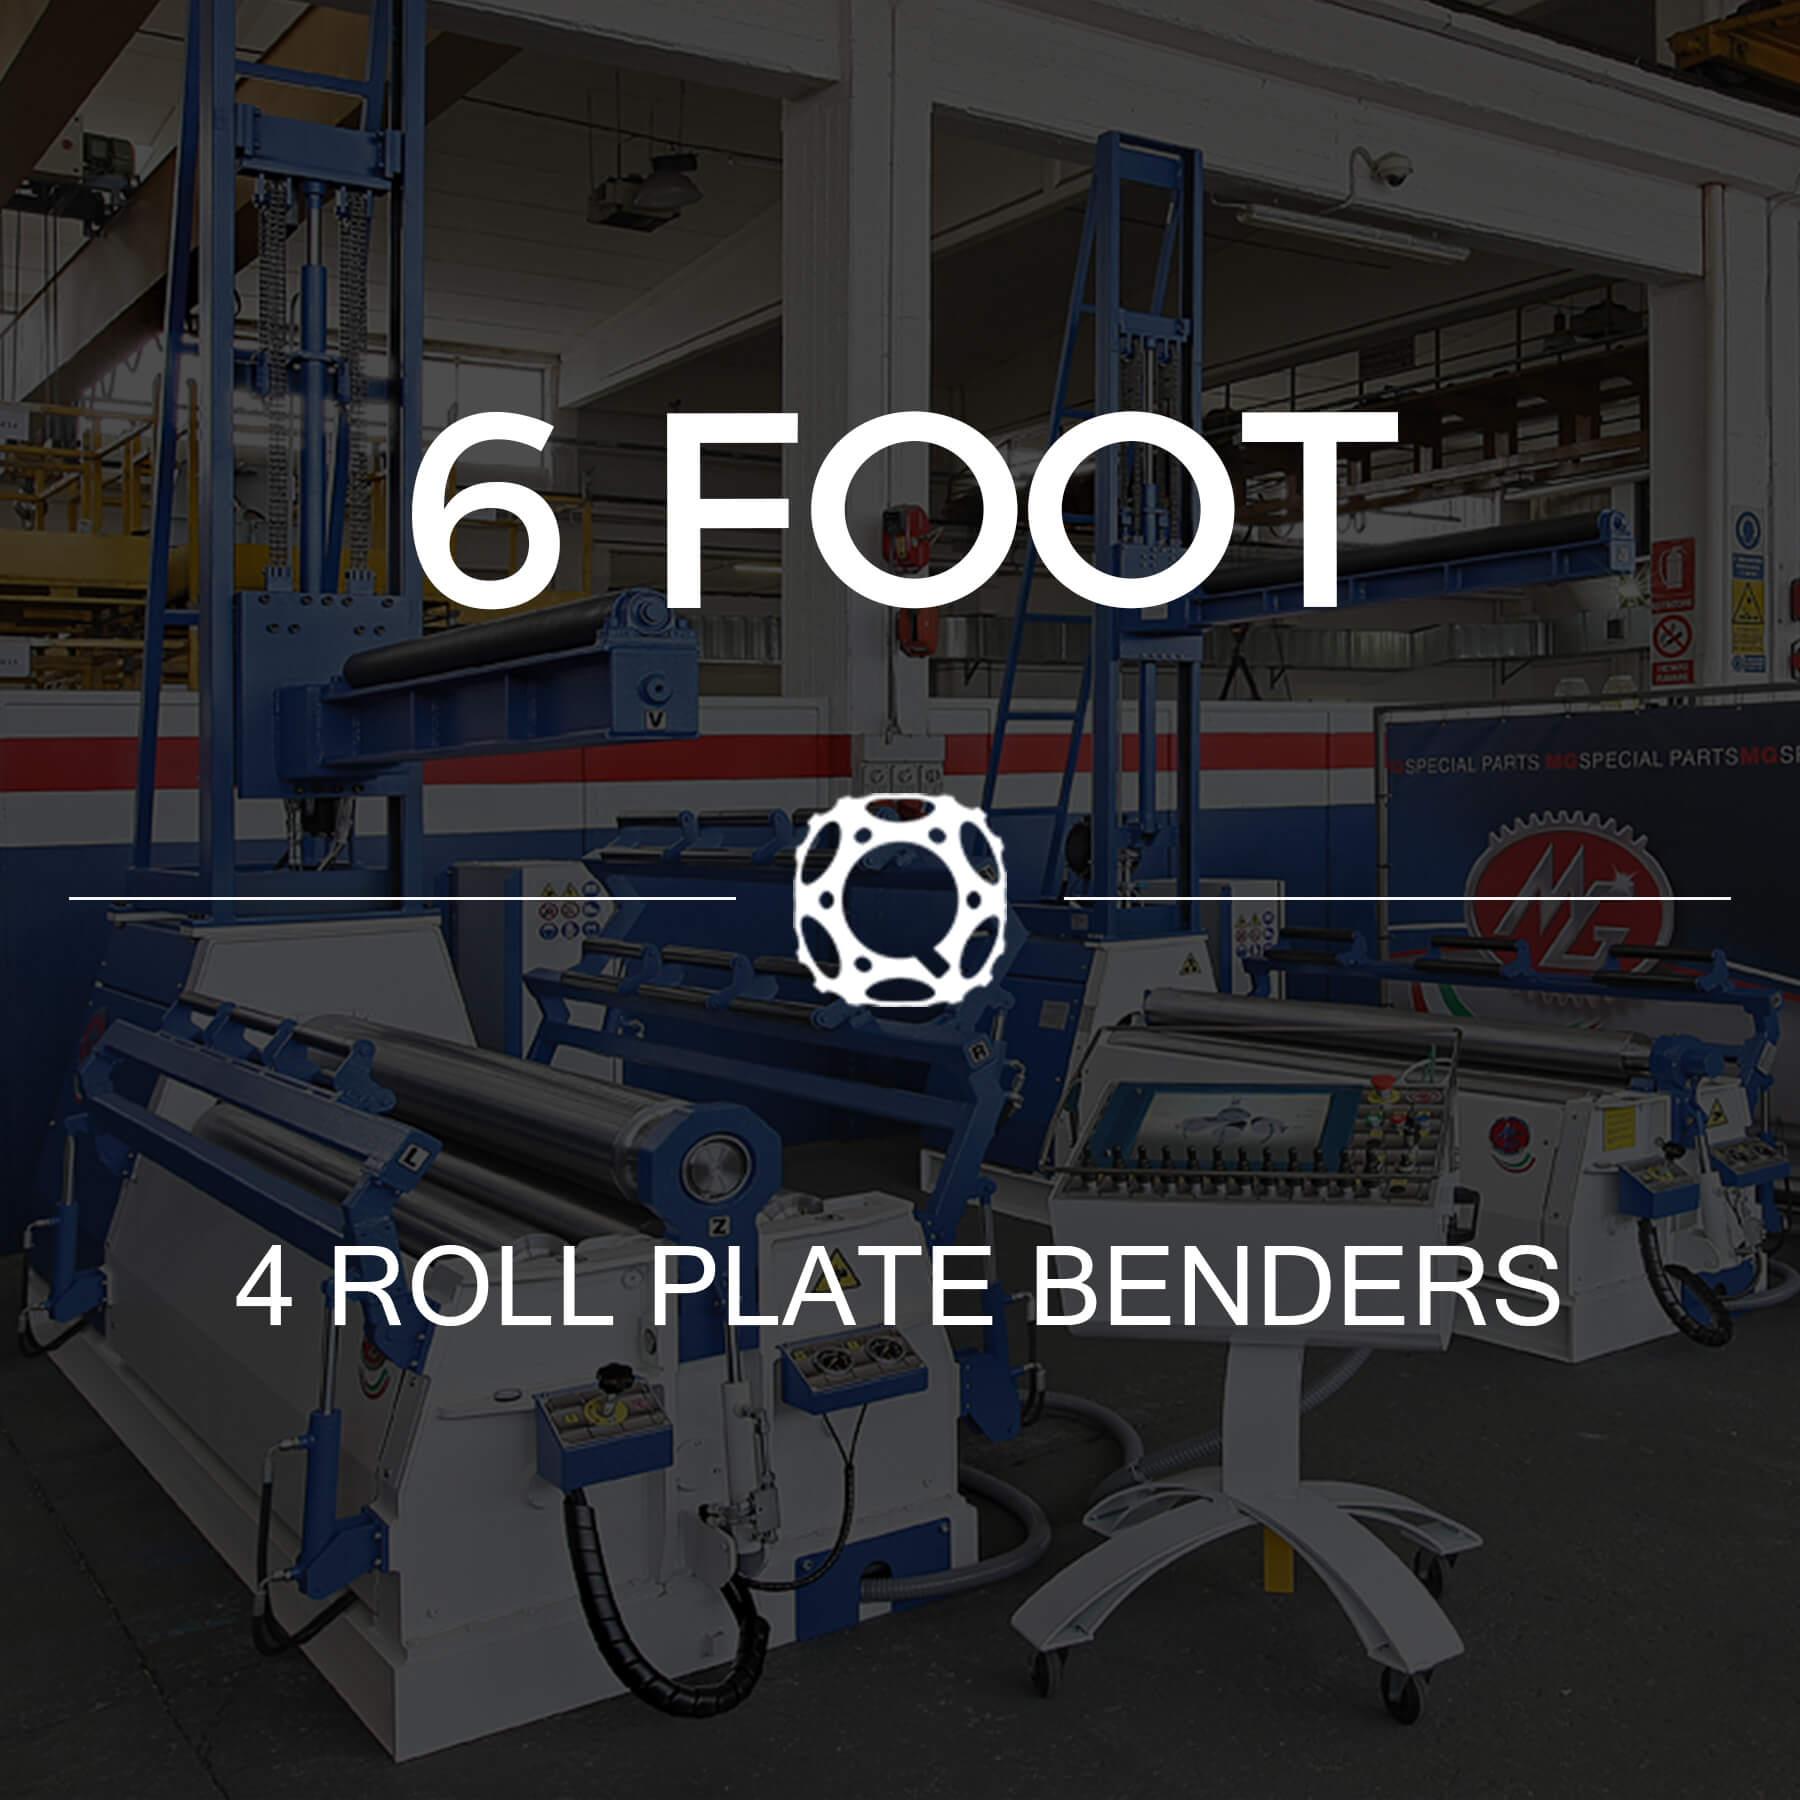 https://www.platebenders.com/4-rolls-working-lengths/6-foot-4-roll-plate-benders